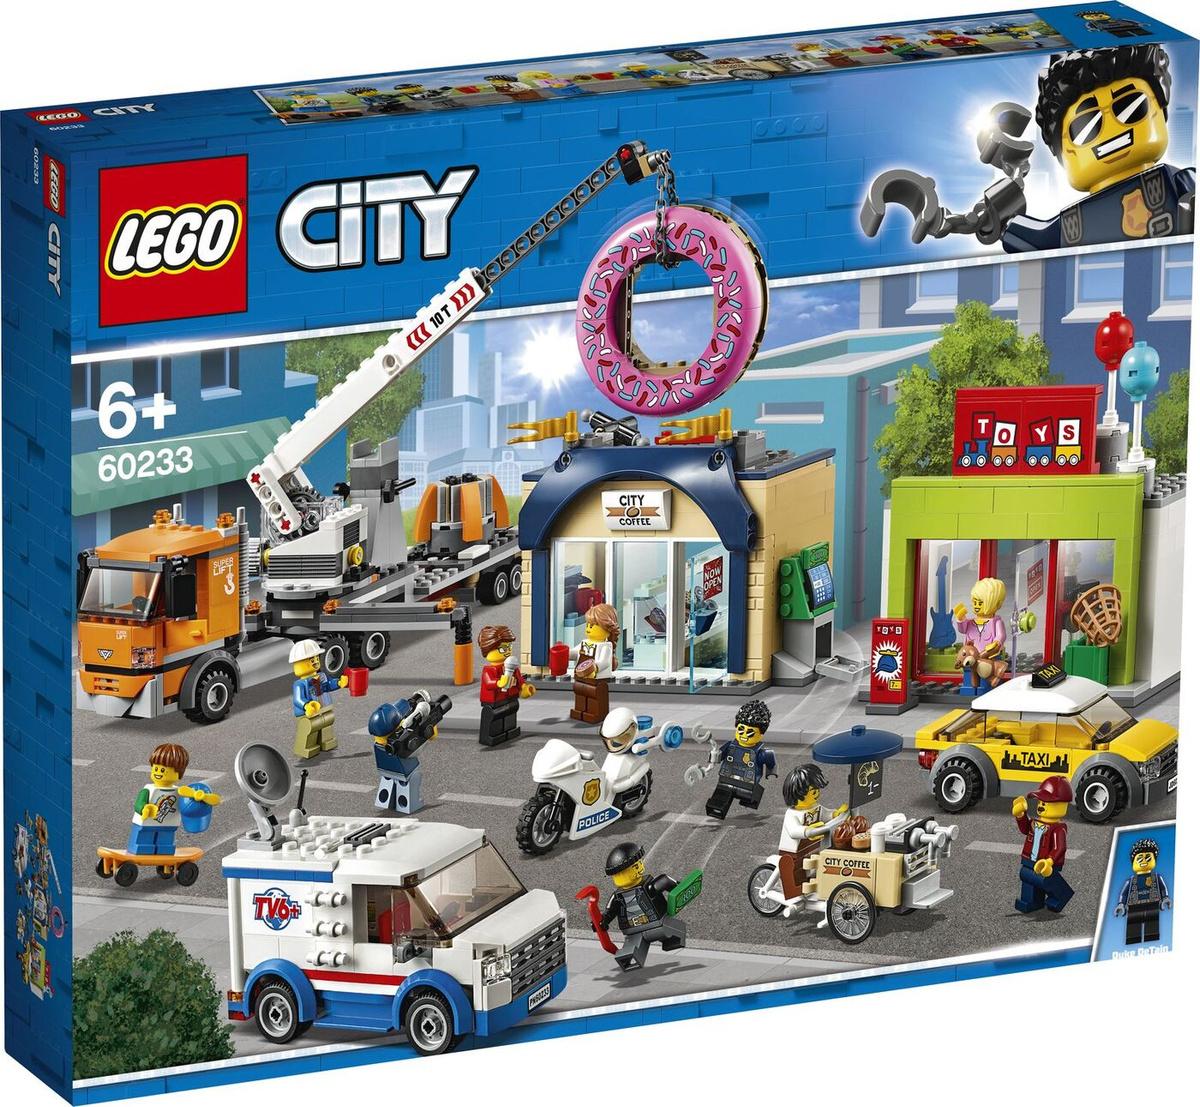 Конструктор LEGO City 60233 Открытие магазина по продаже пончиков  #1